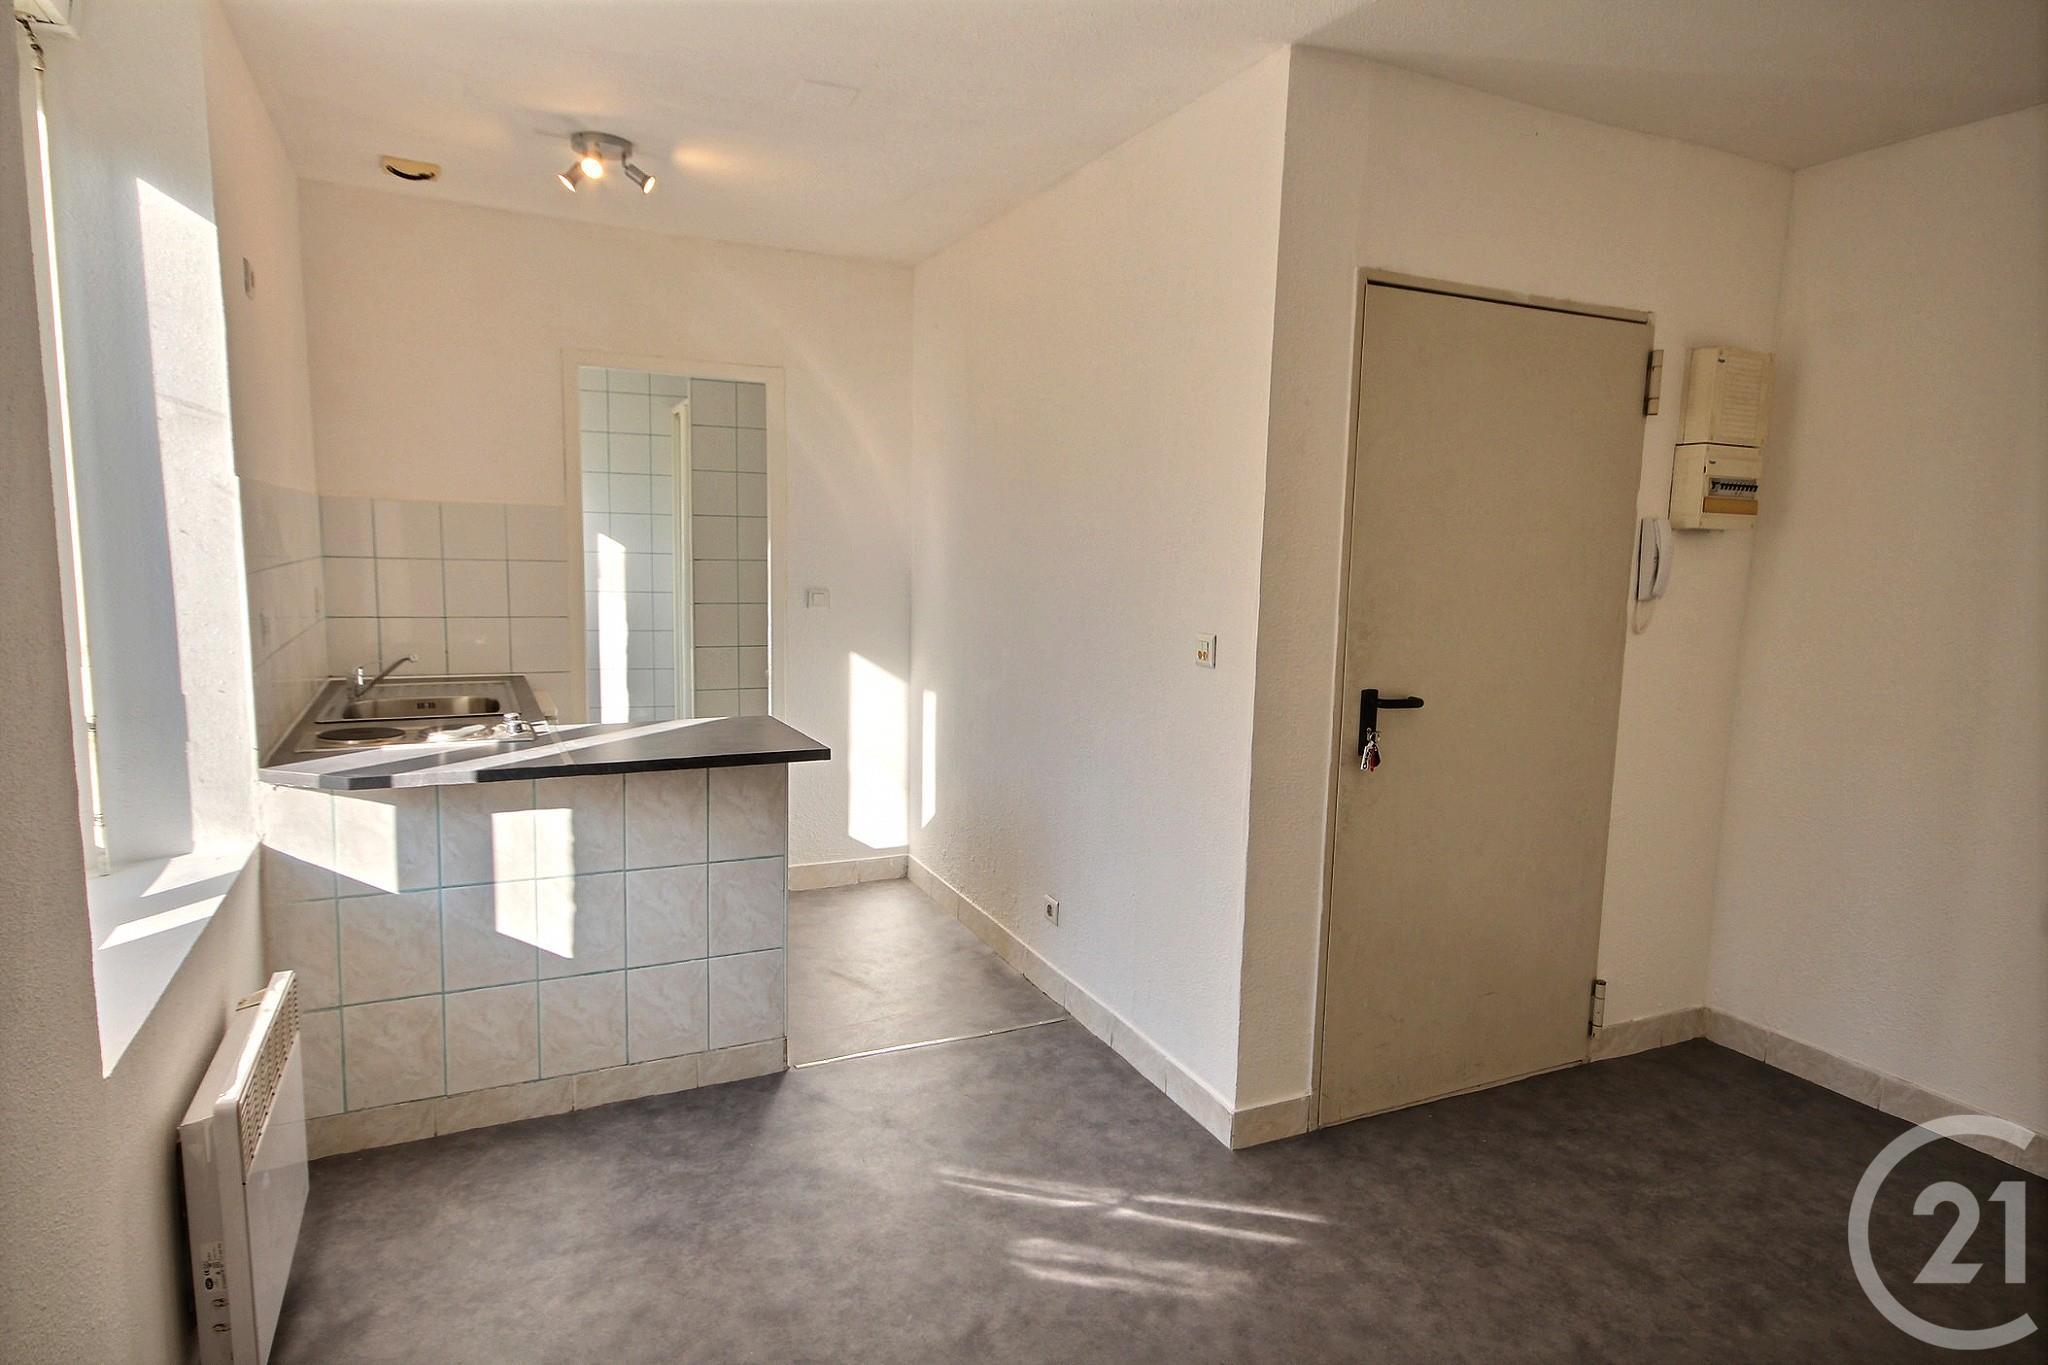 Appartement f1 louer 1 pi ce 18 m2 bordeaux 33 for Appartement bordeaux louer